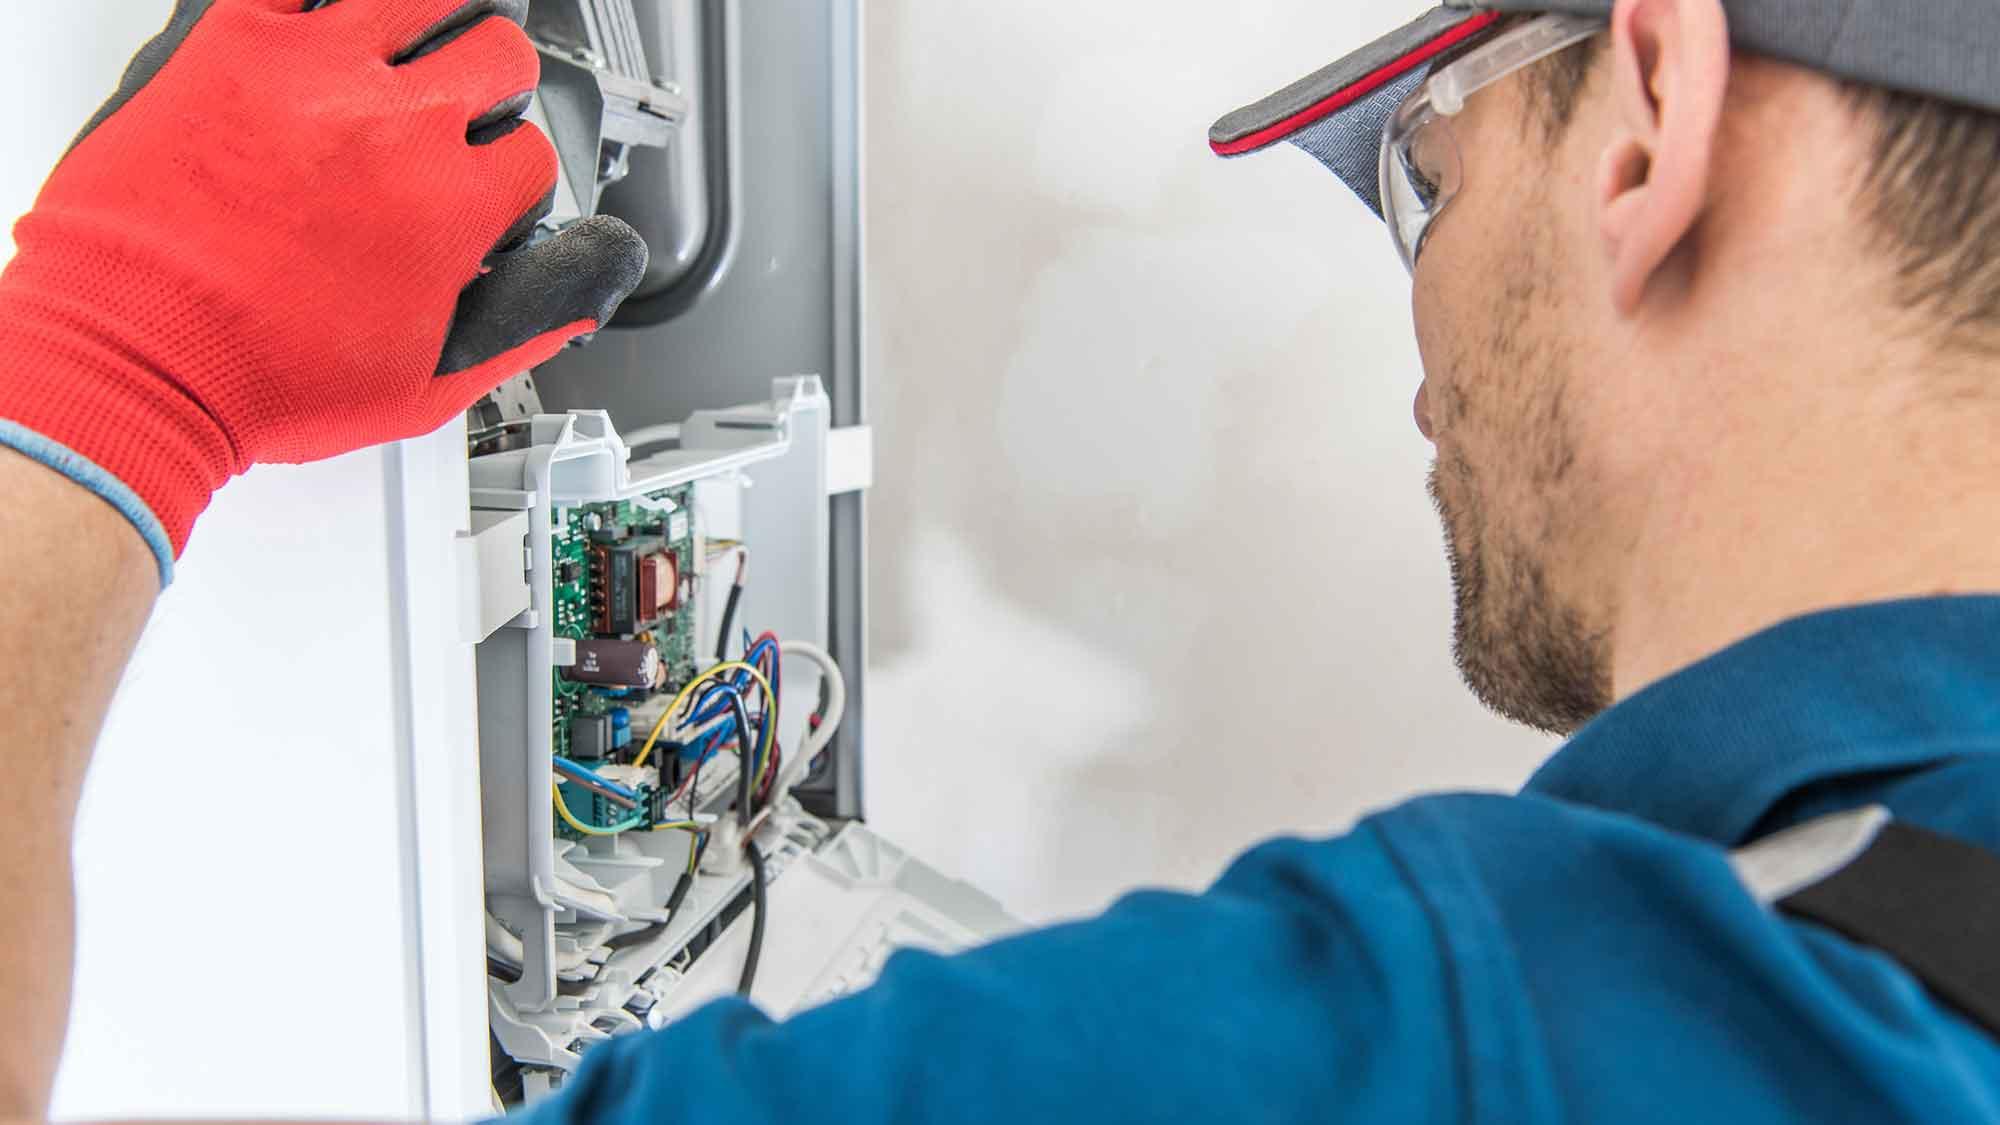 boiler repair essex maintenance leigh on sea engineer